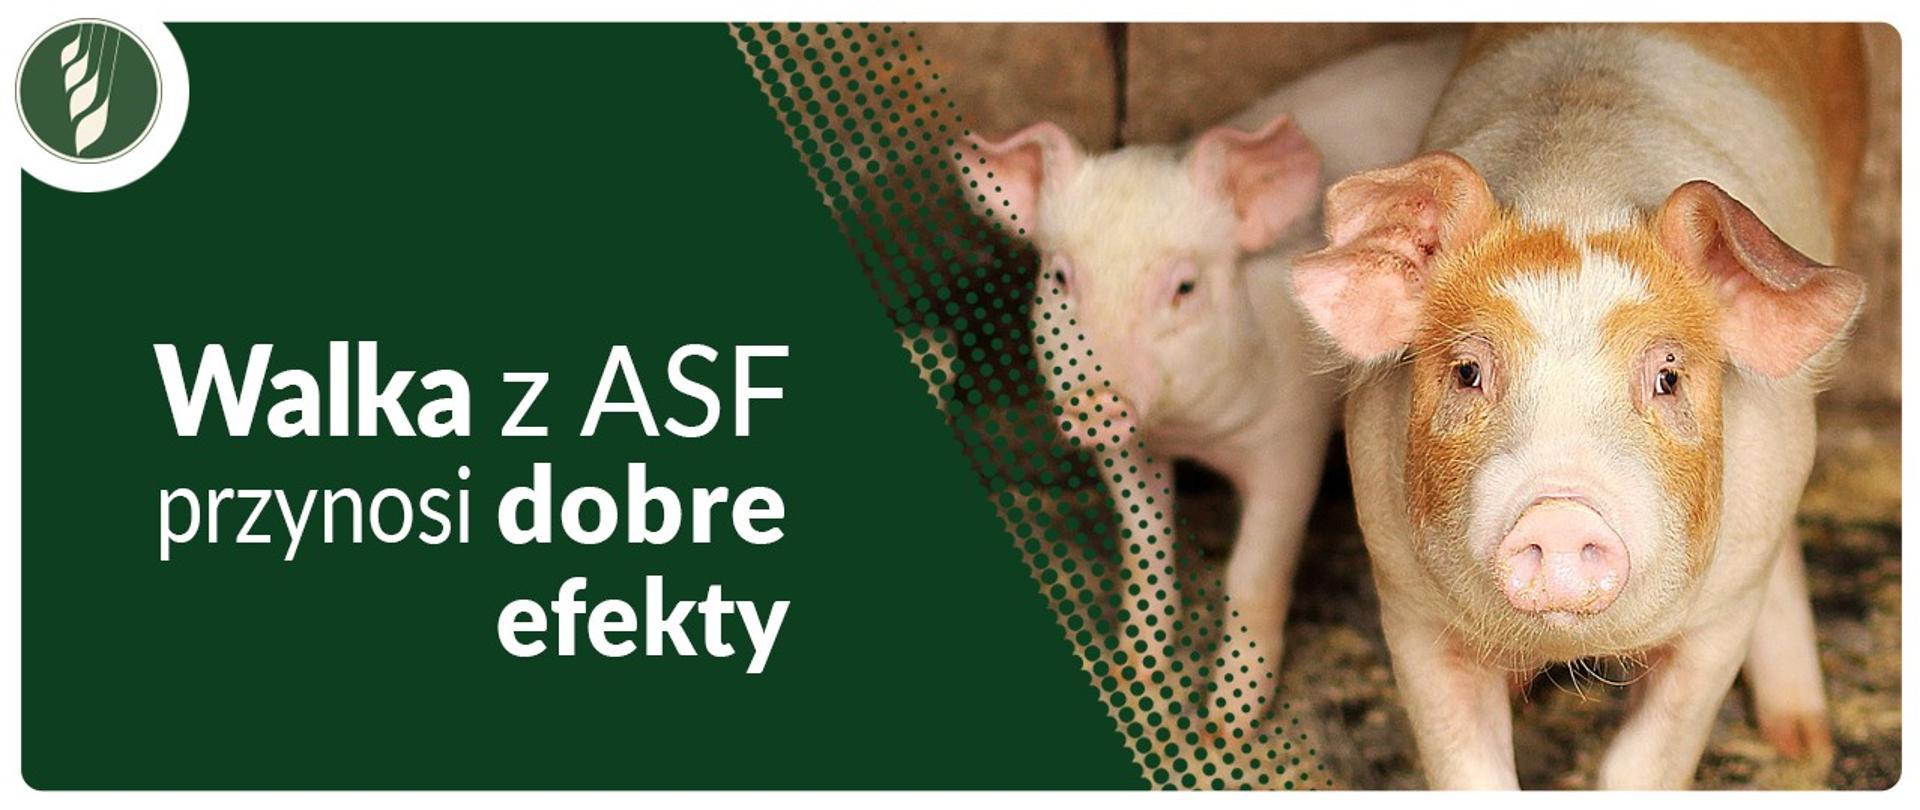 Walka z ASF przynosi dobre efekty